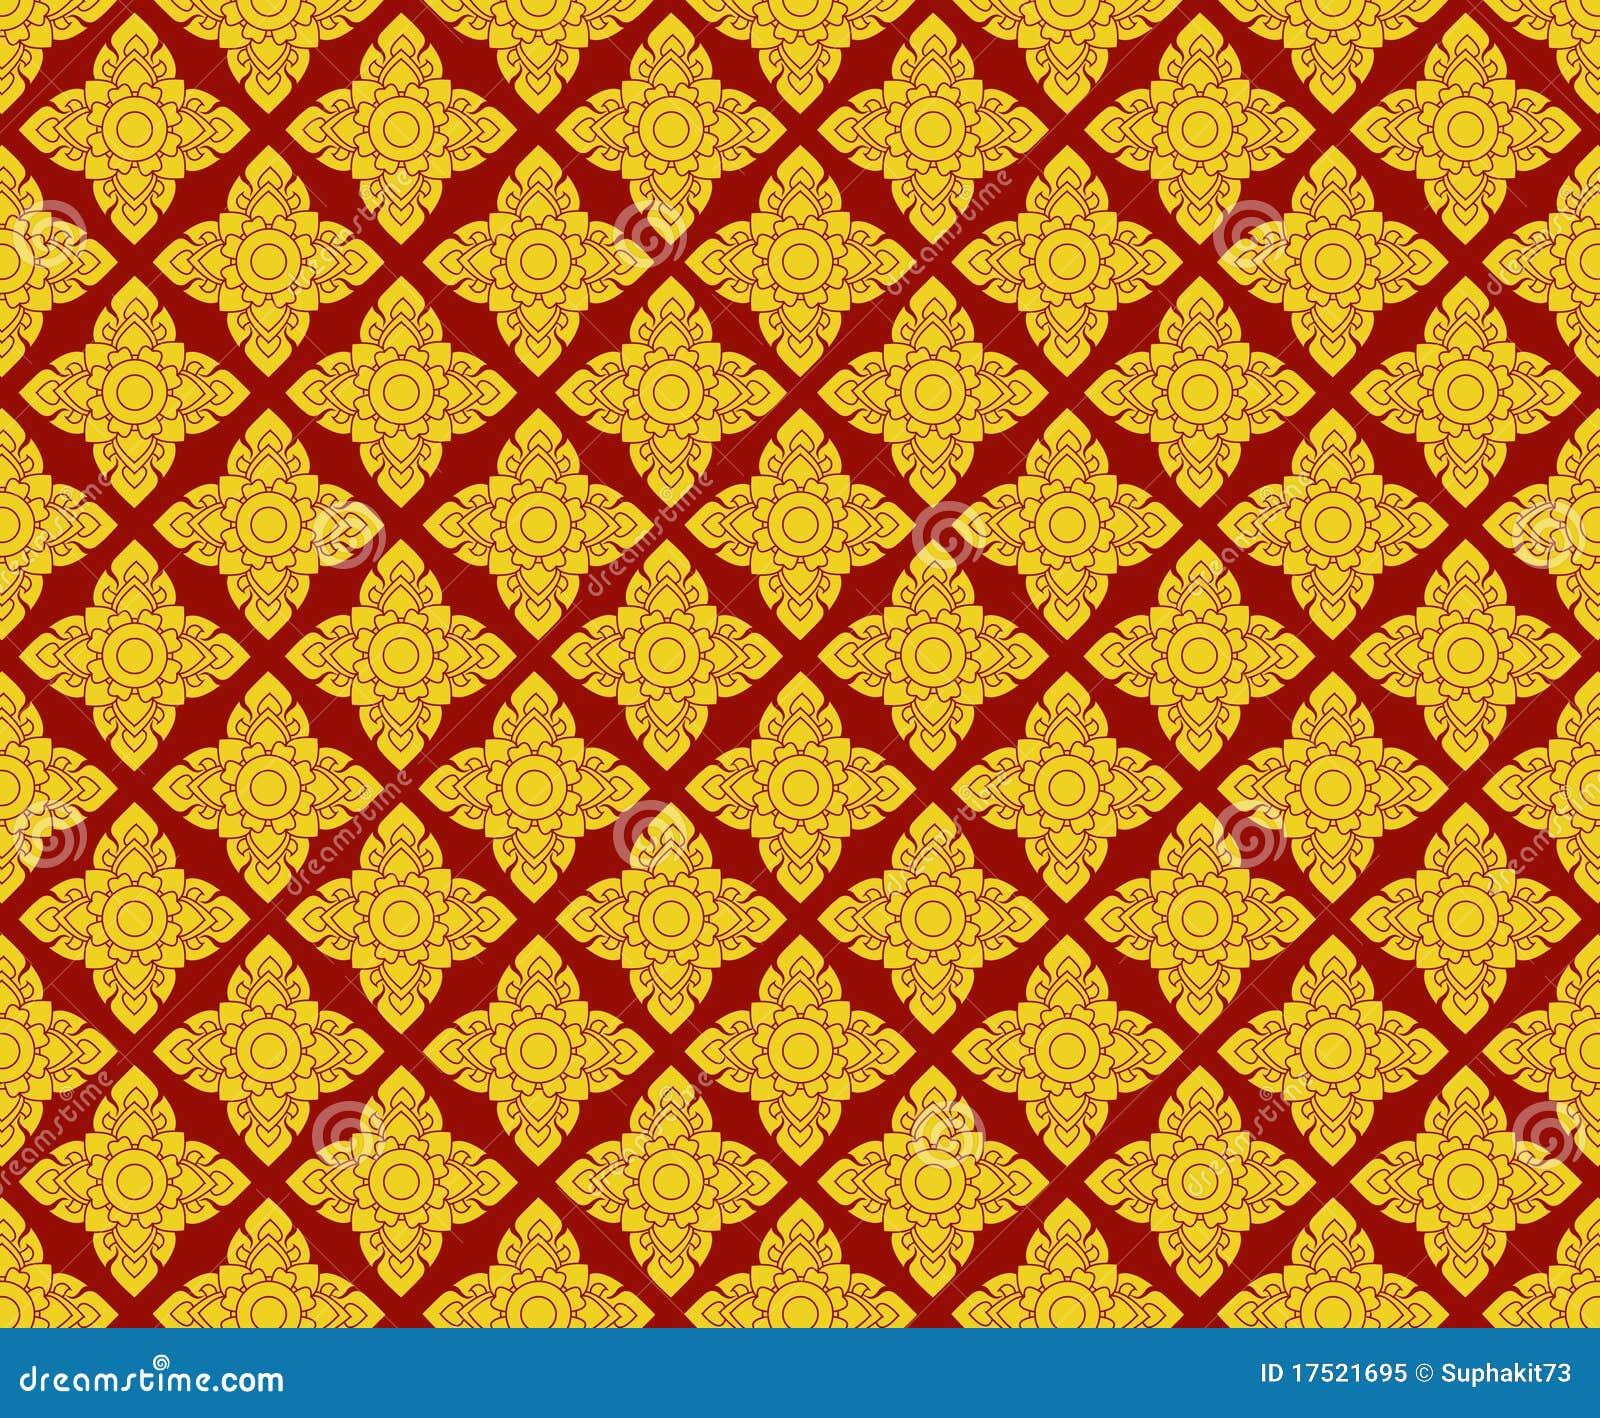 pattern royalty background patterns - photo #9